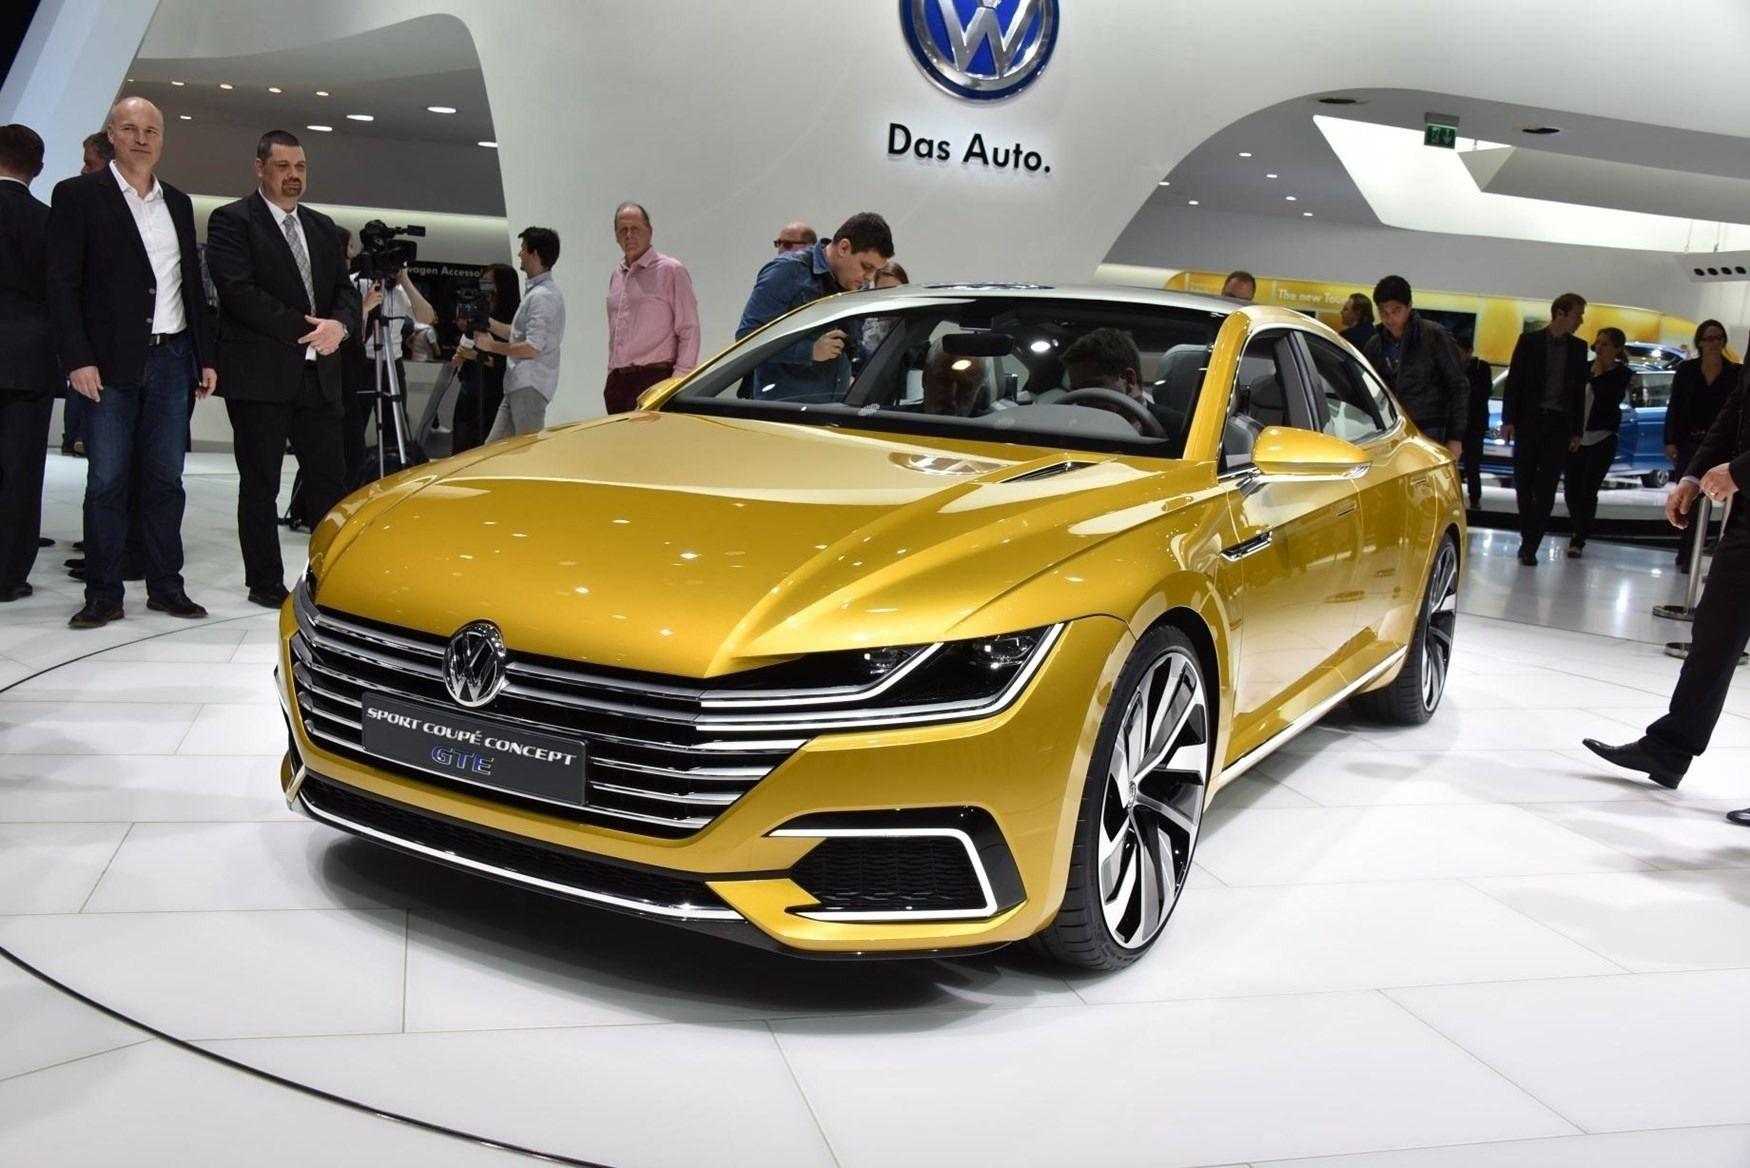 2019 Volkswagen Passat Cc Review, specs and Release date ...